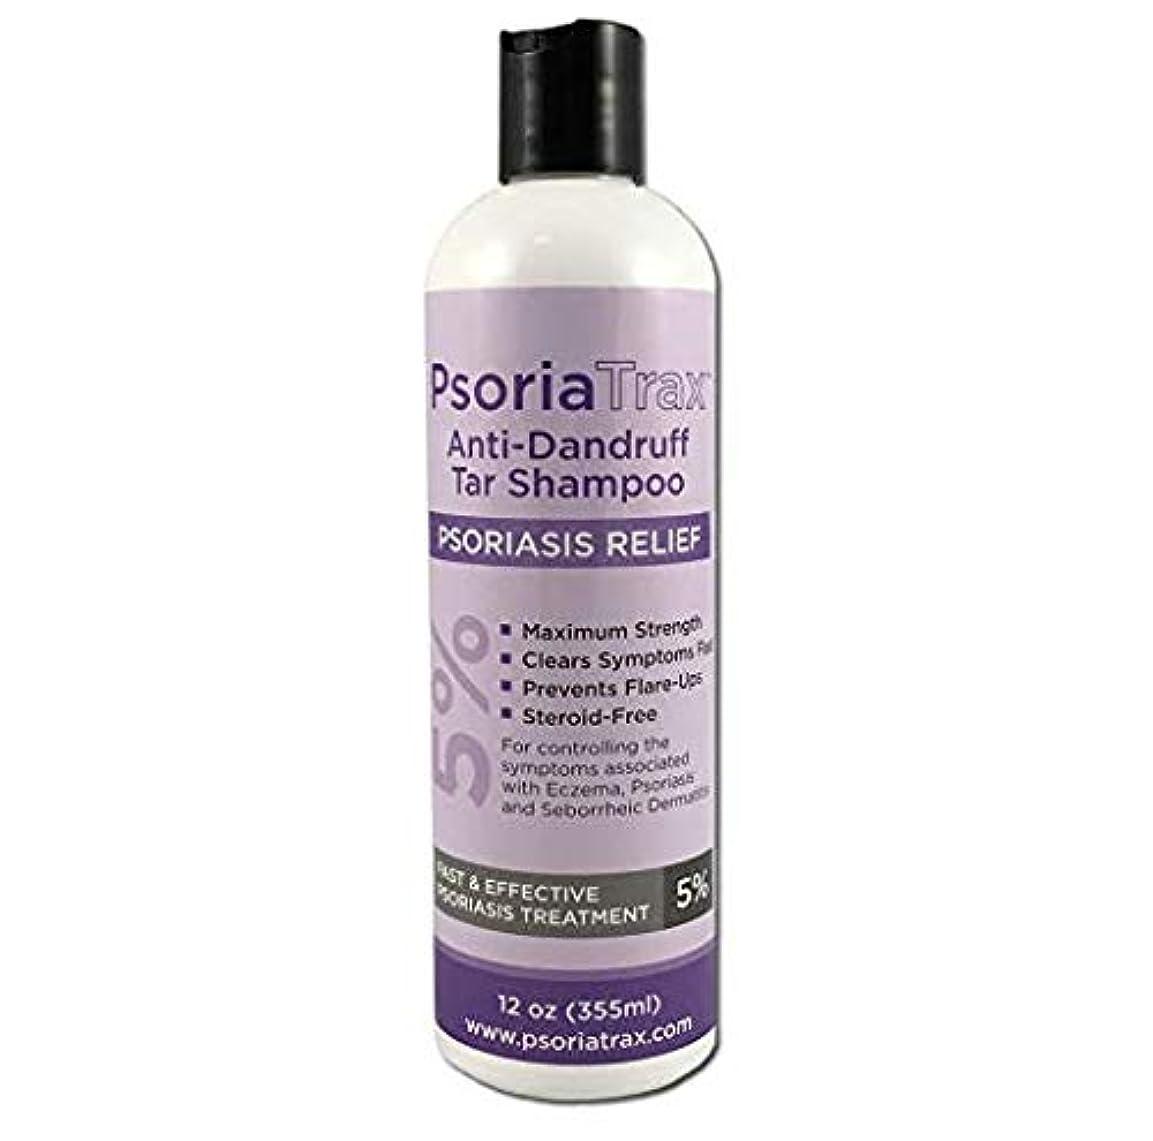 事天使価値5%コールタール含有 かん癬用シャンプー Coal Tar Psoriasis Shampoo Psoriatrax 25% Coal Tar Solution 12oz Bottles- Psoriasis - Equivalent to 5% Coal Tar (1 Bottle)